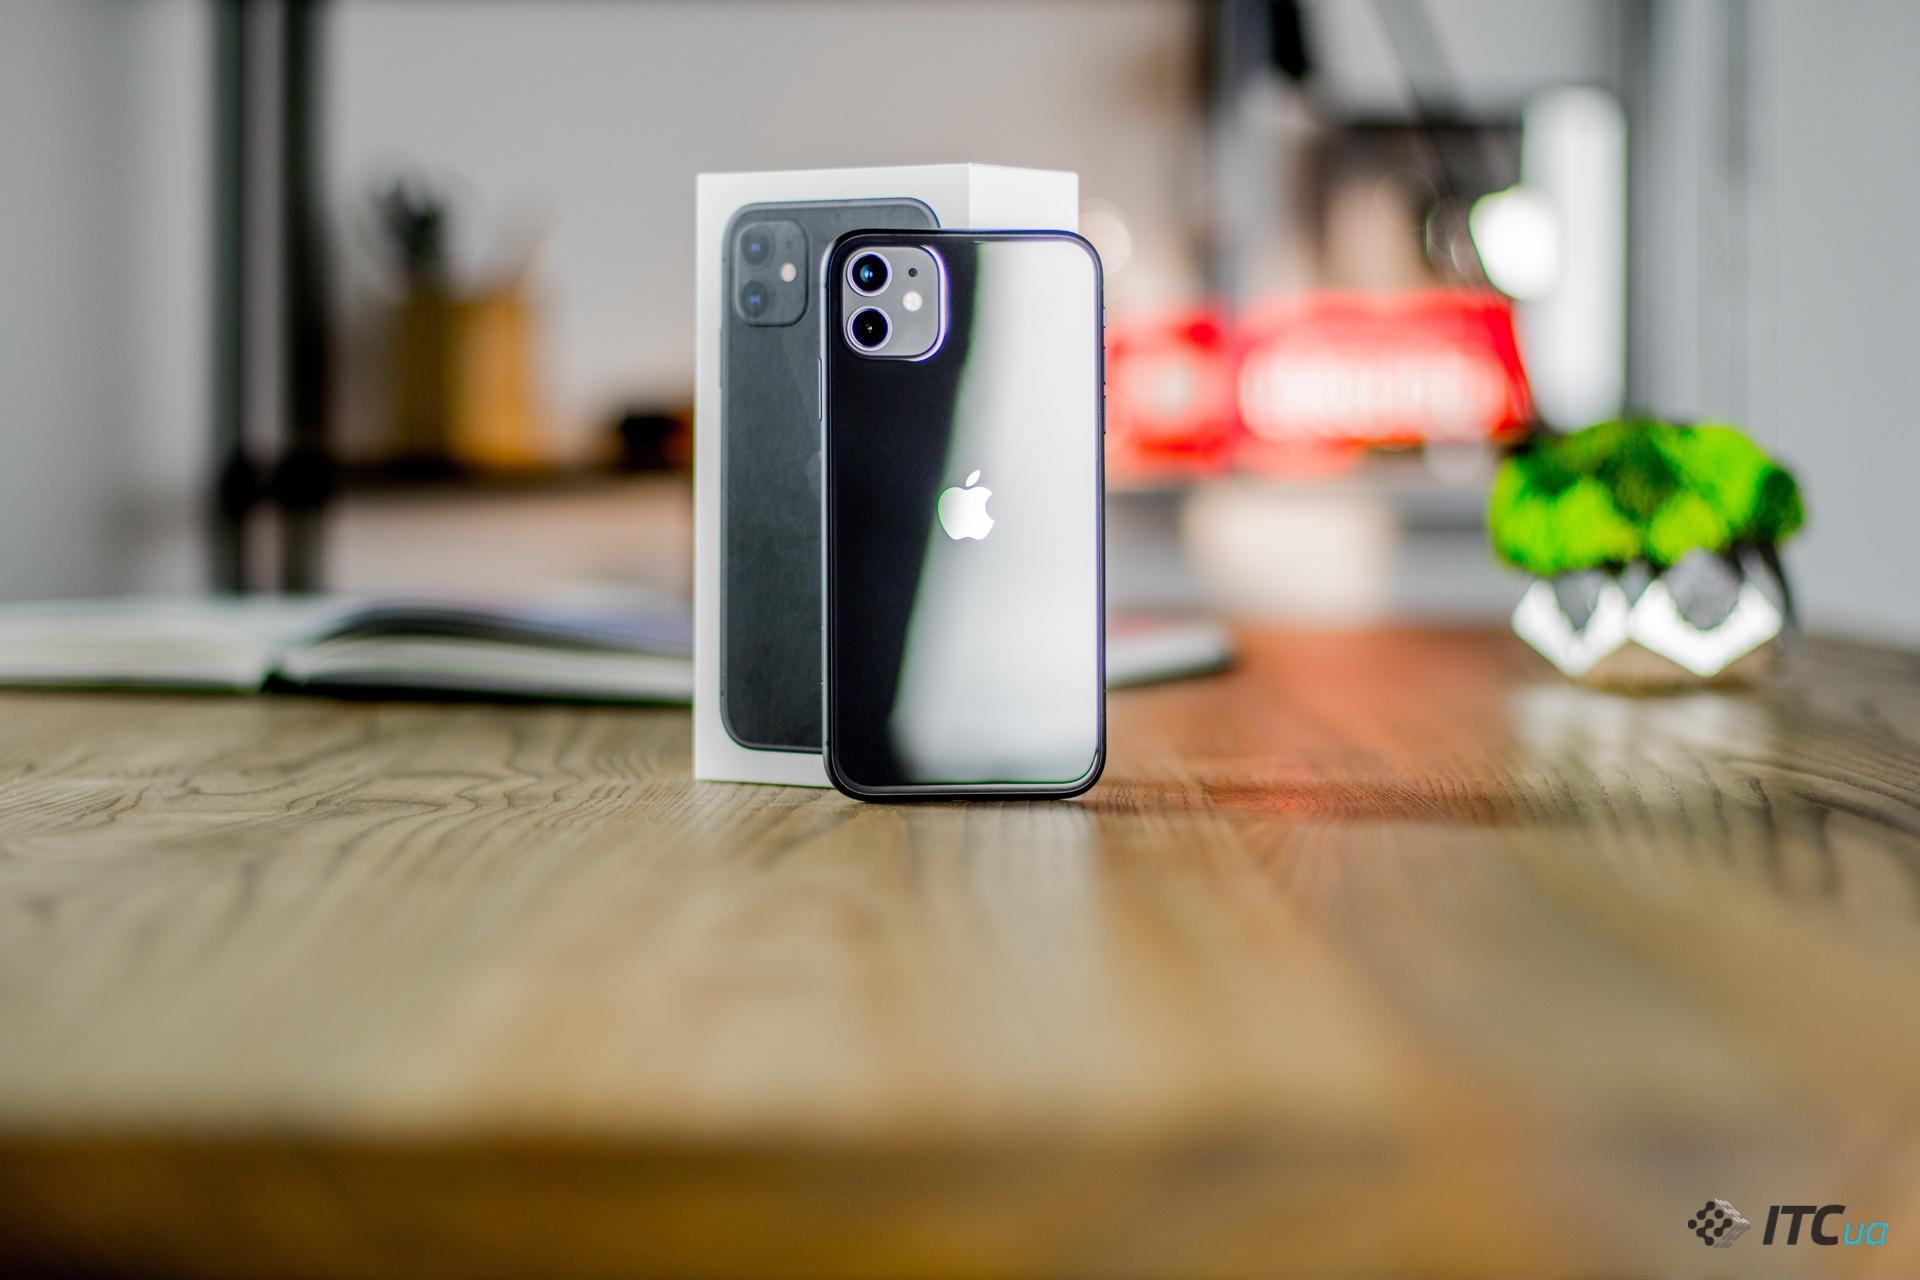 Рынок смартфонов: В лидерах — Samsung, Huawei и Apple, самый популярный смартфон — по-прежнему iPhone 11 - ITC.ua